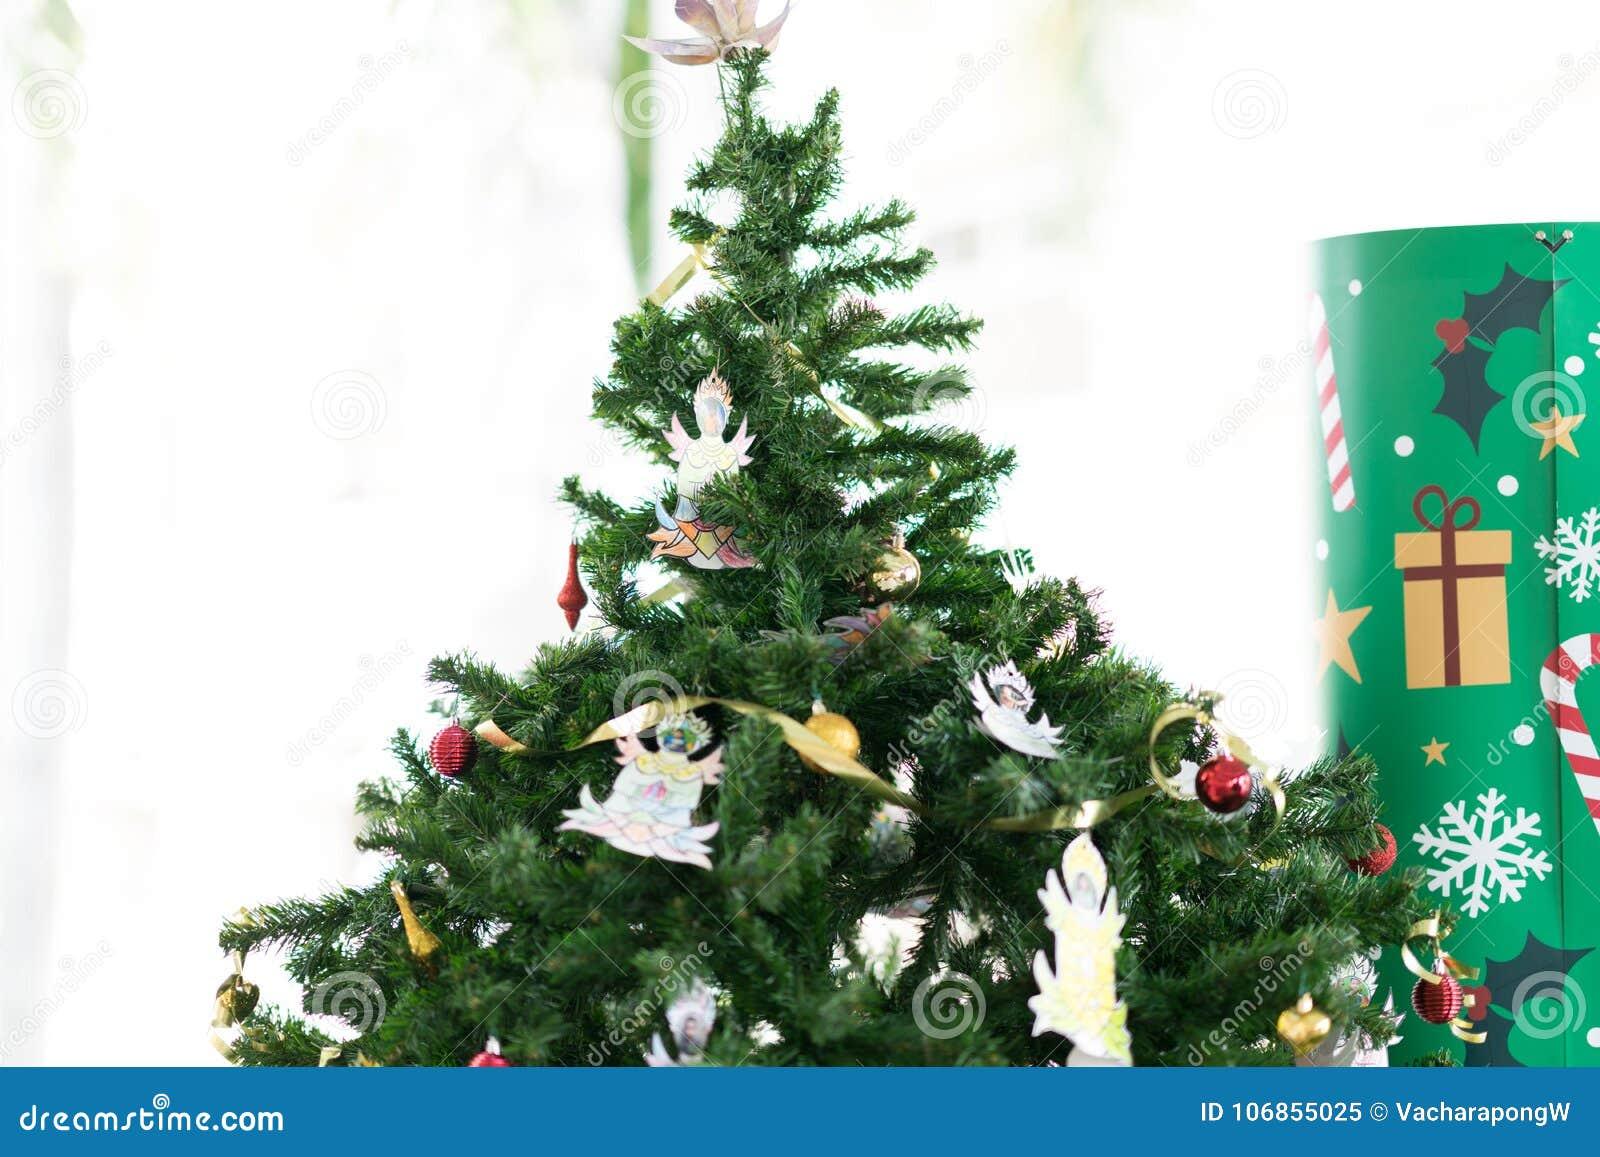 Kerstboom met decoratiematerialen